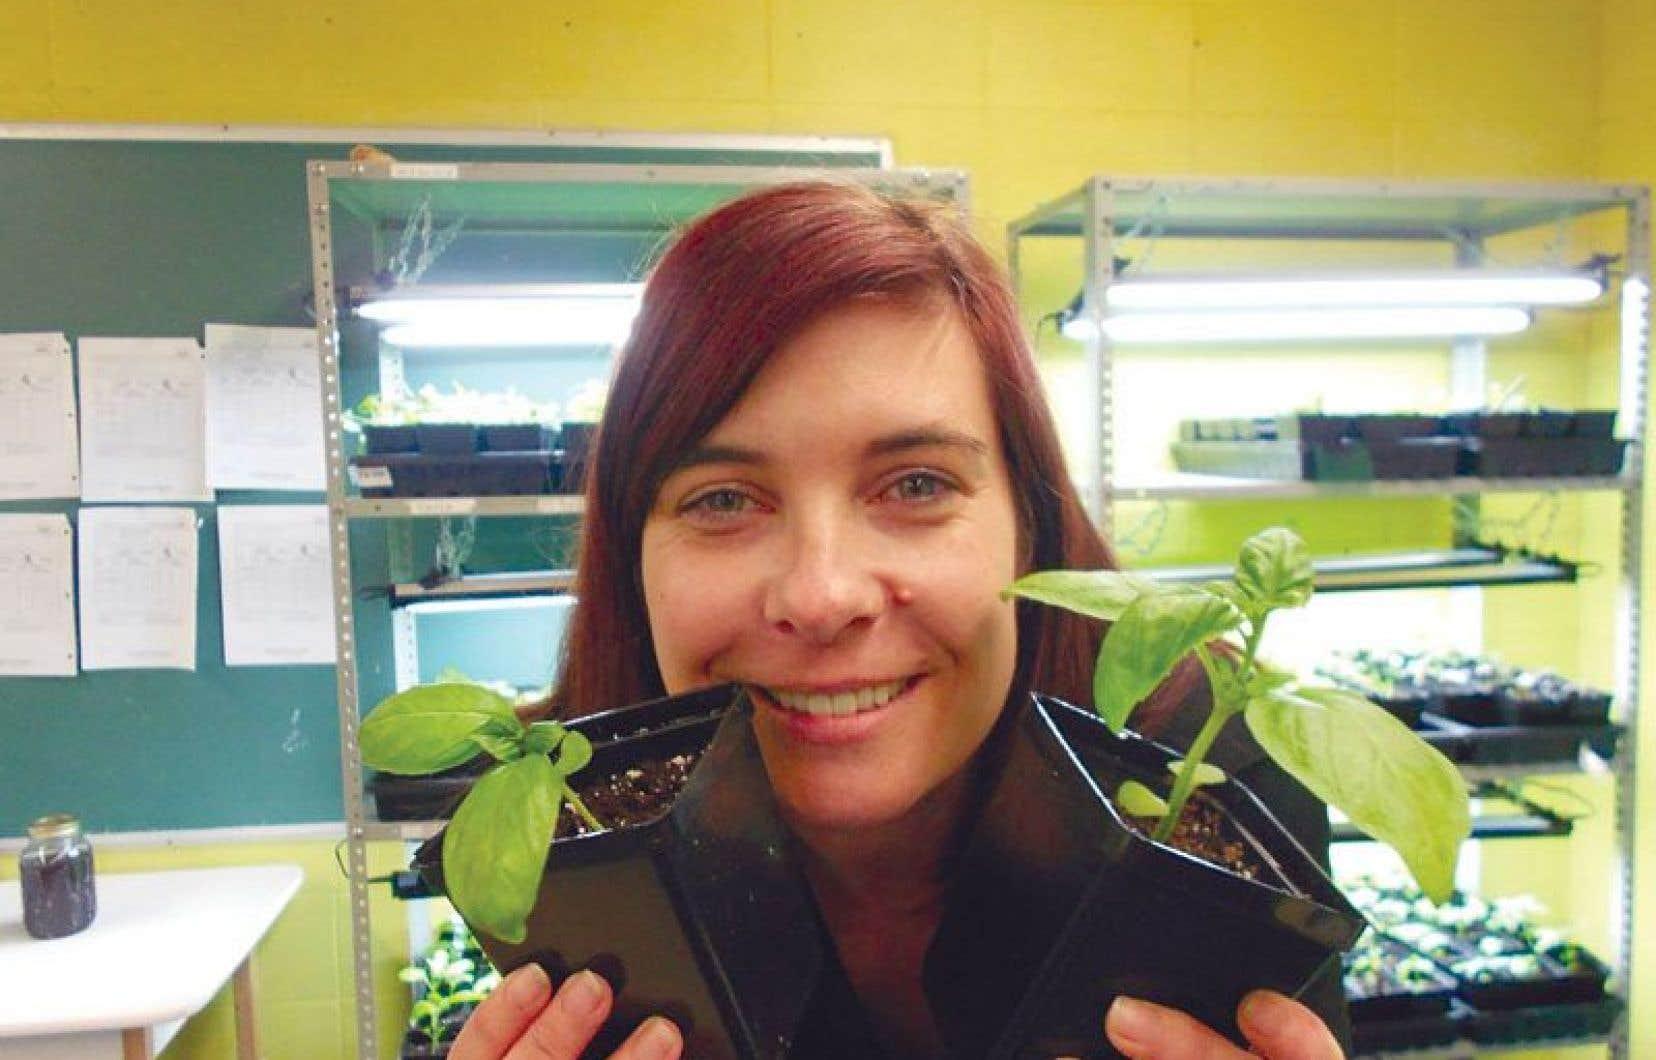 L'enseignante Karine Lévesque a eu l'idée de transformer la pelouse inutilisée de son école en potager pour la communauté.